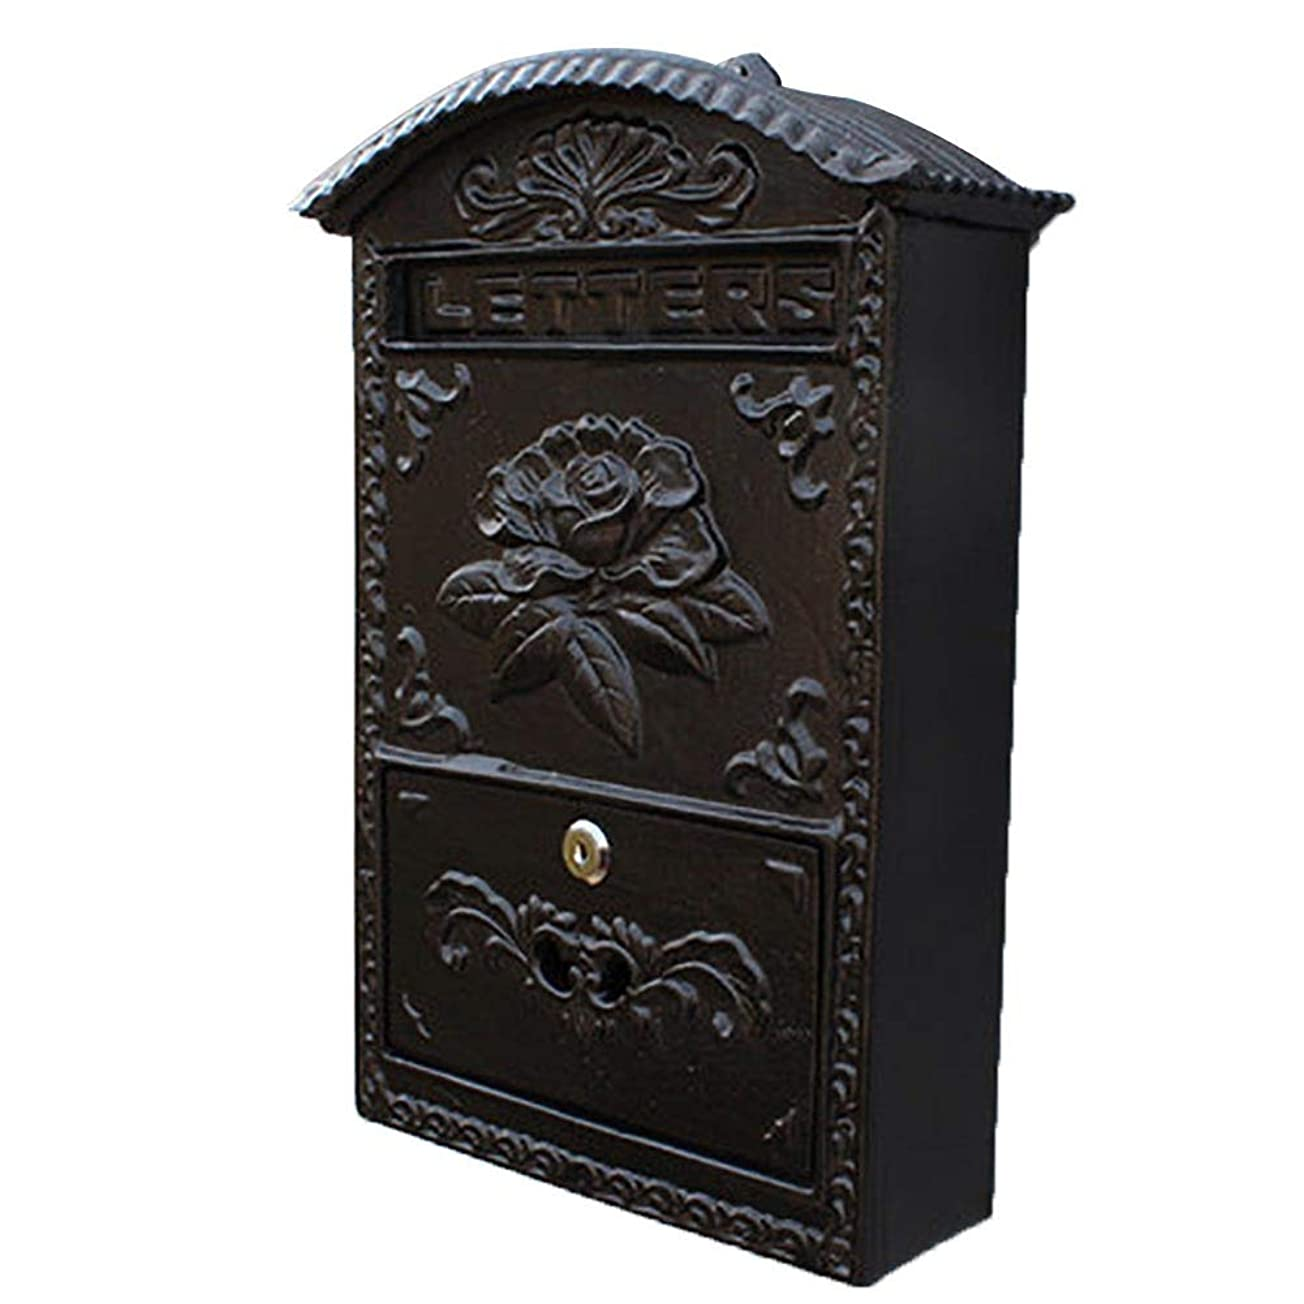 救出雇用拒否TINGTING 郵便受けア メールボックス ロック付き 牡丹の花意味豊富な金属レトロロック壁の装飾黒で苦しんで (色 : ブラック, サイズ さいず : 24.5*8.2*34.5cm)